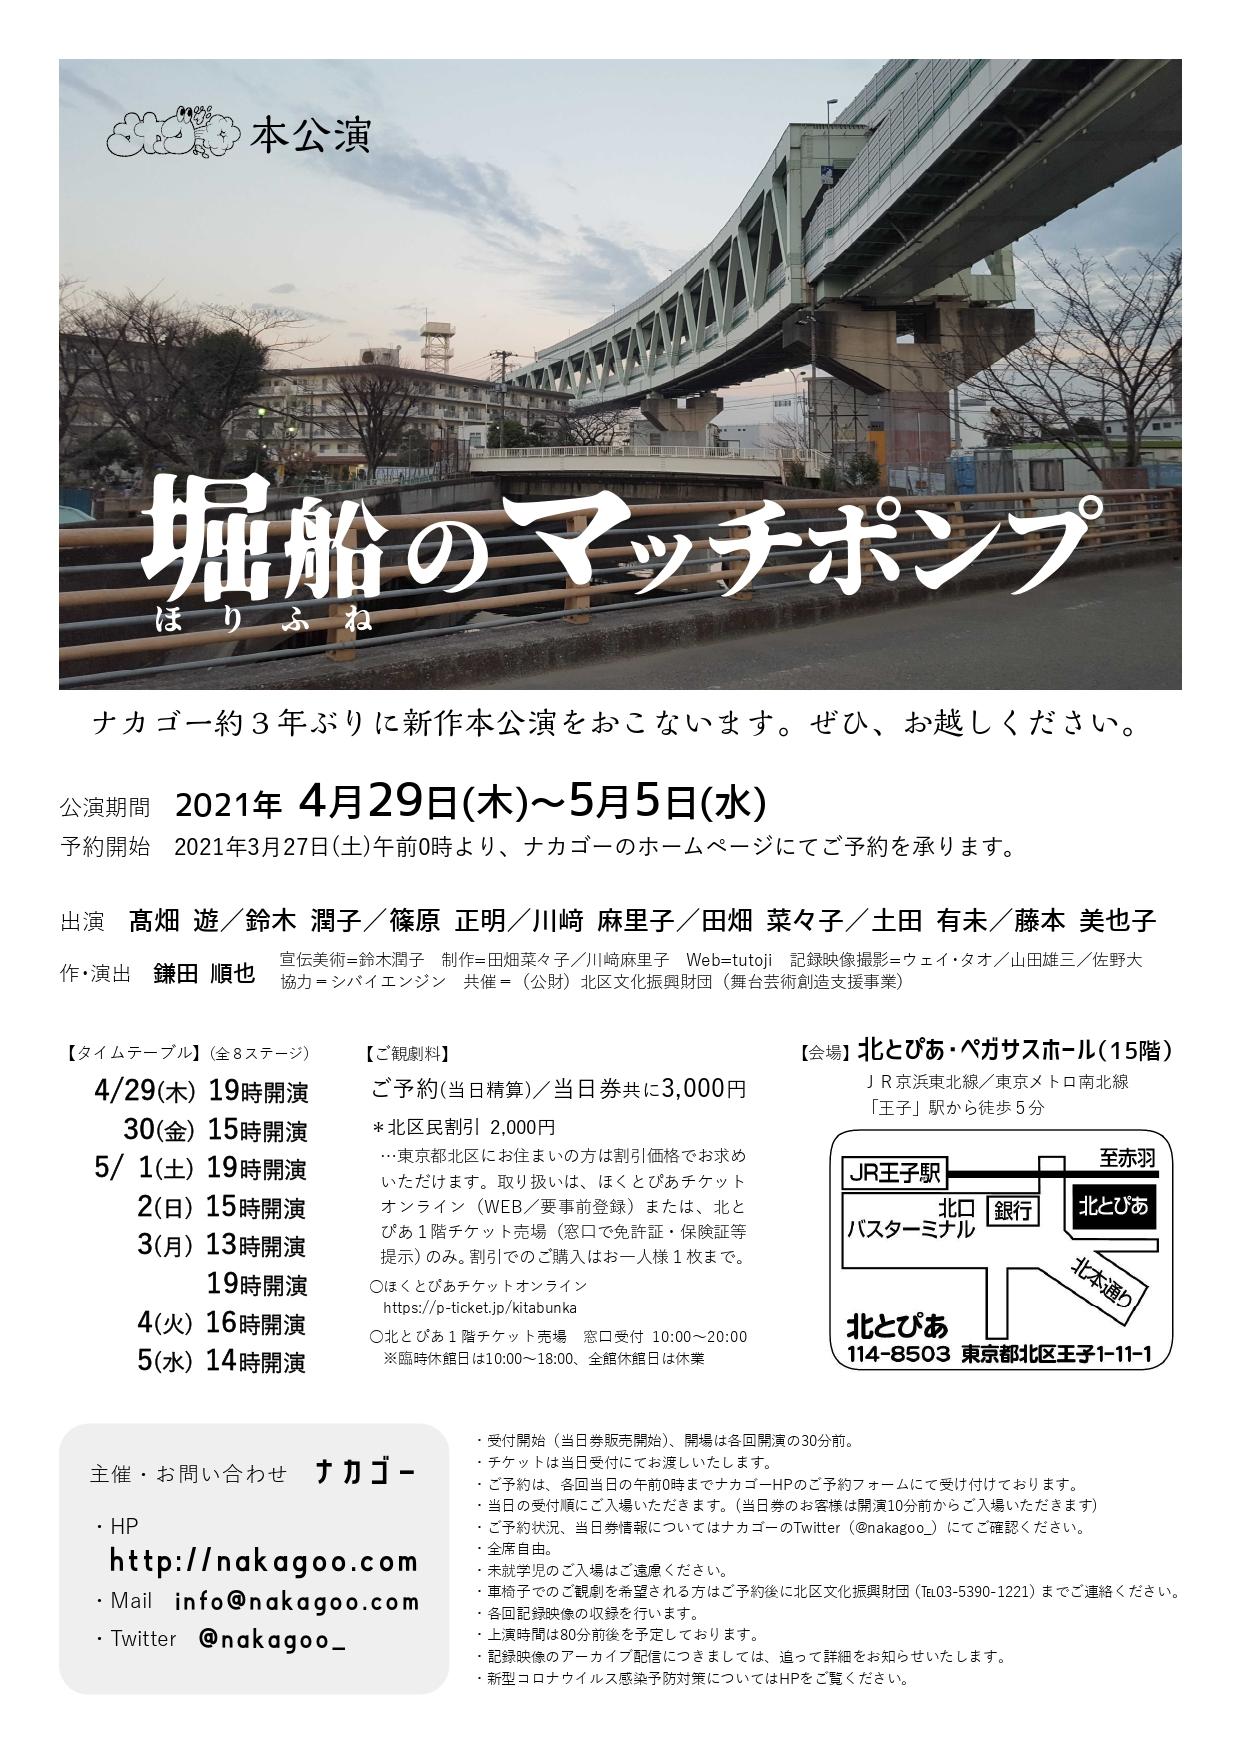 ナカゴー 本公演 『堀船のマッチポンプ』の画像